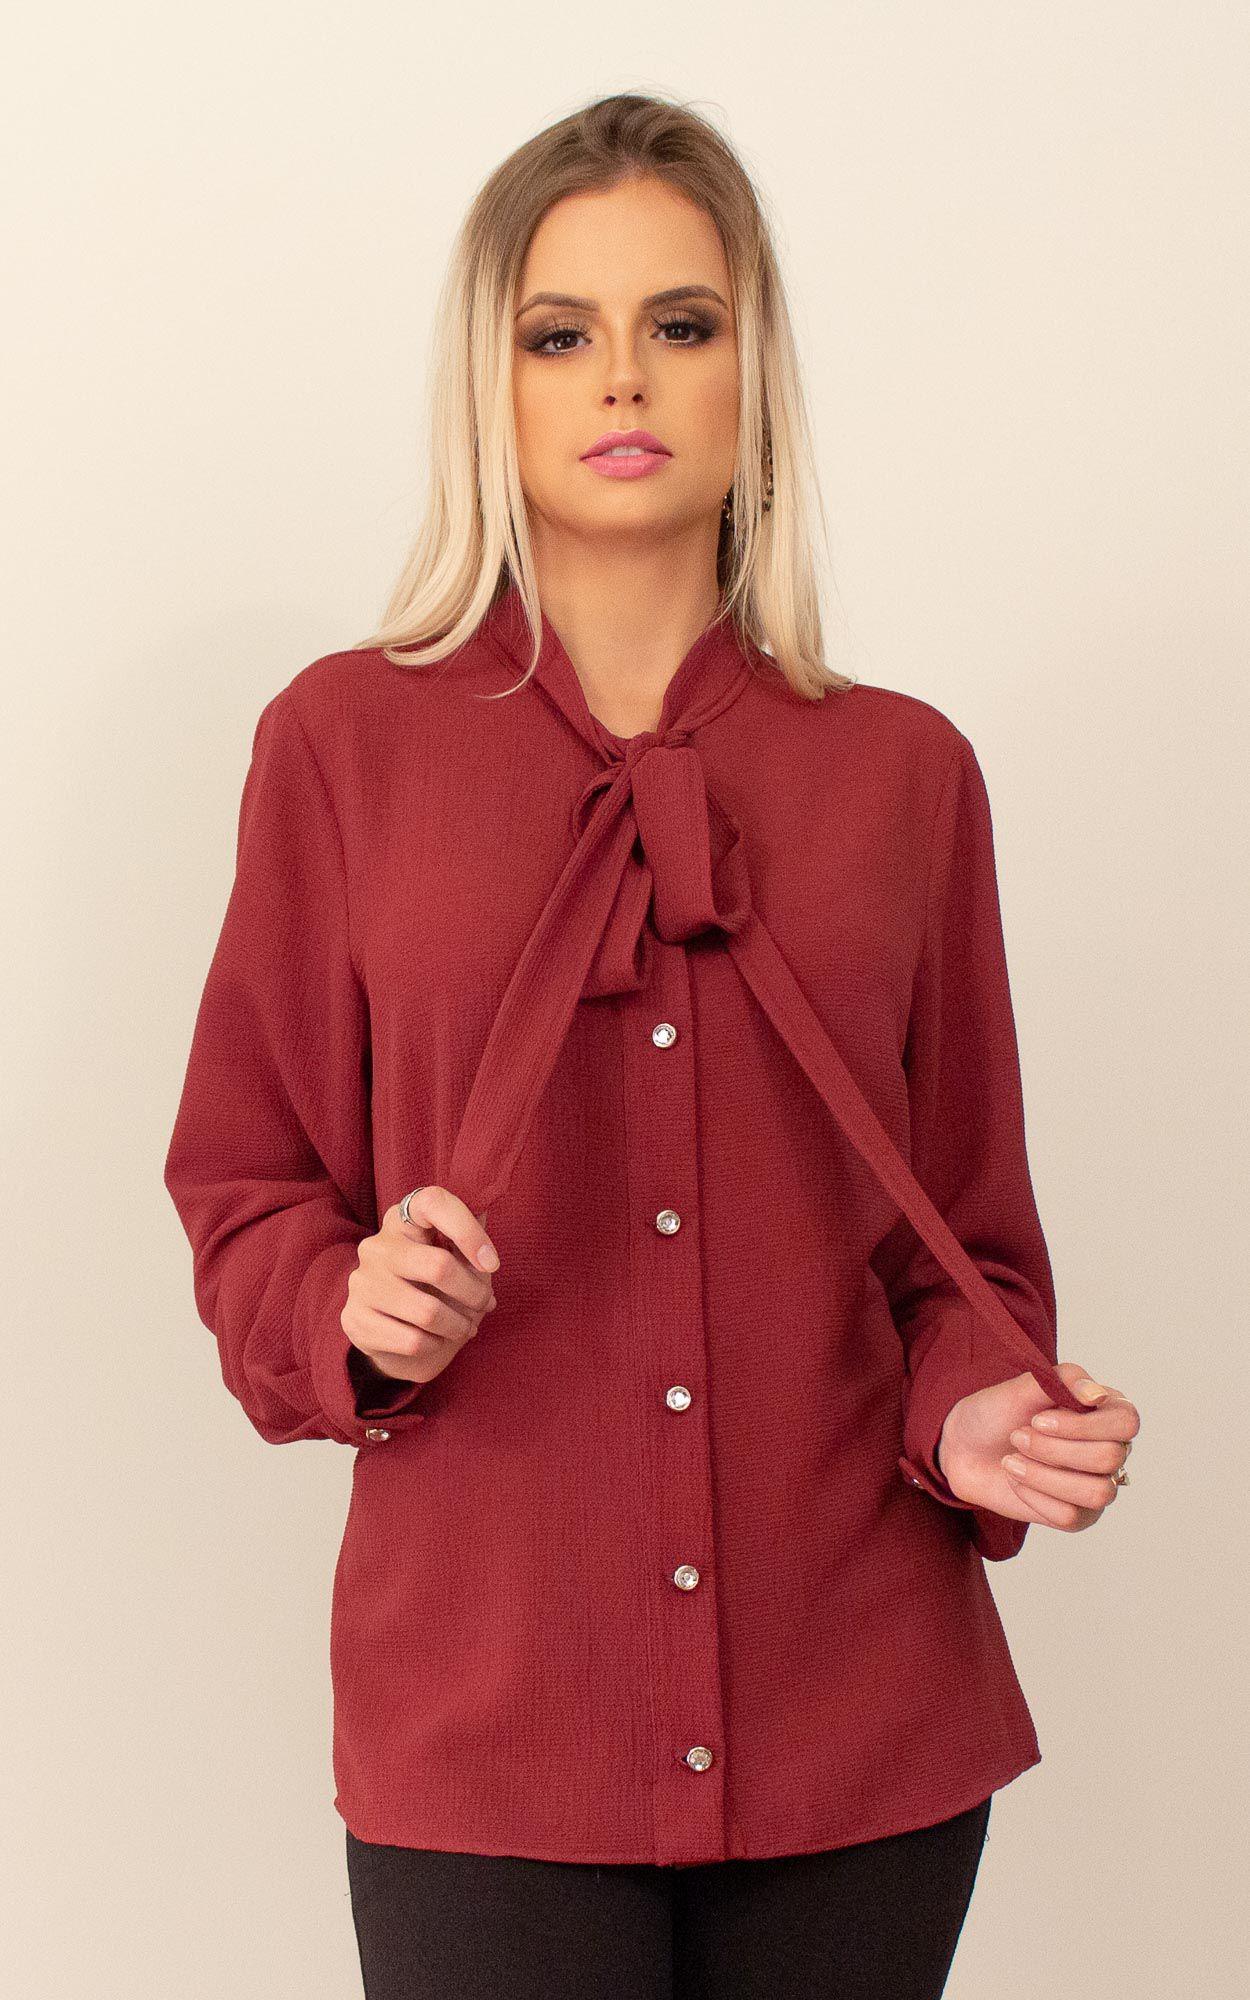 Blusa manga longa com detalhe em tope